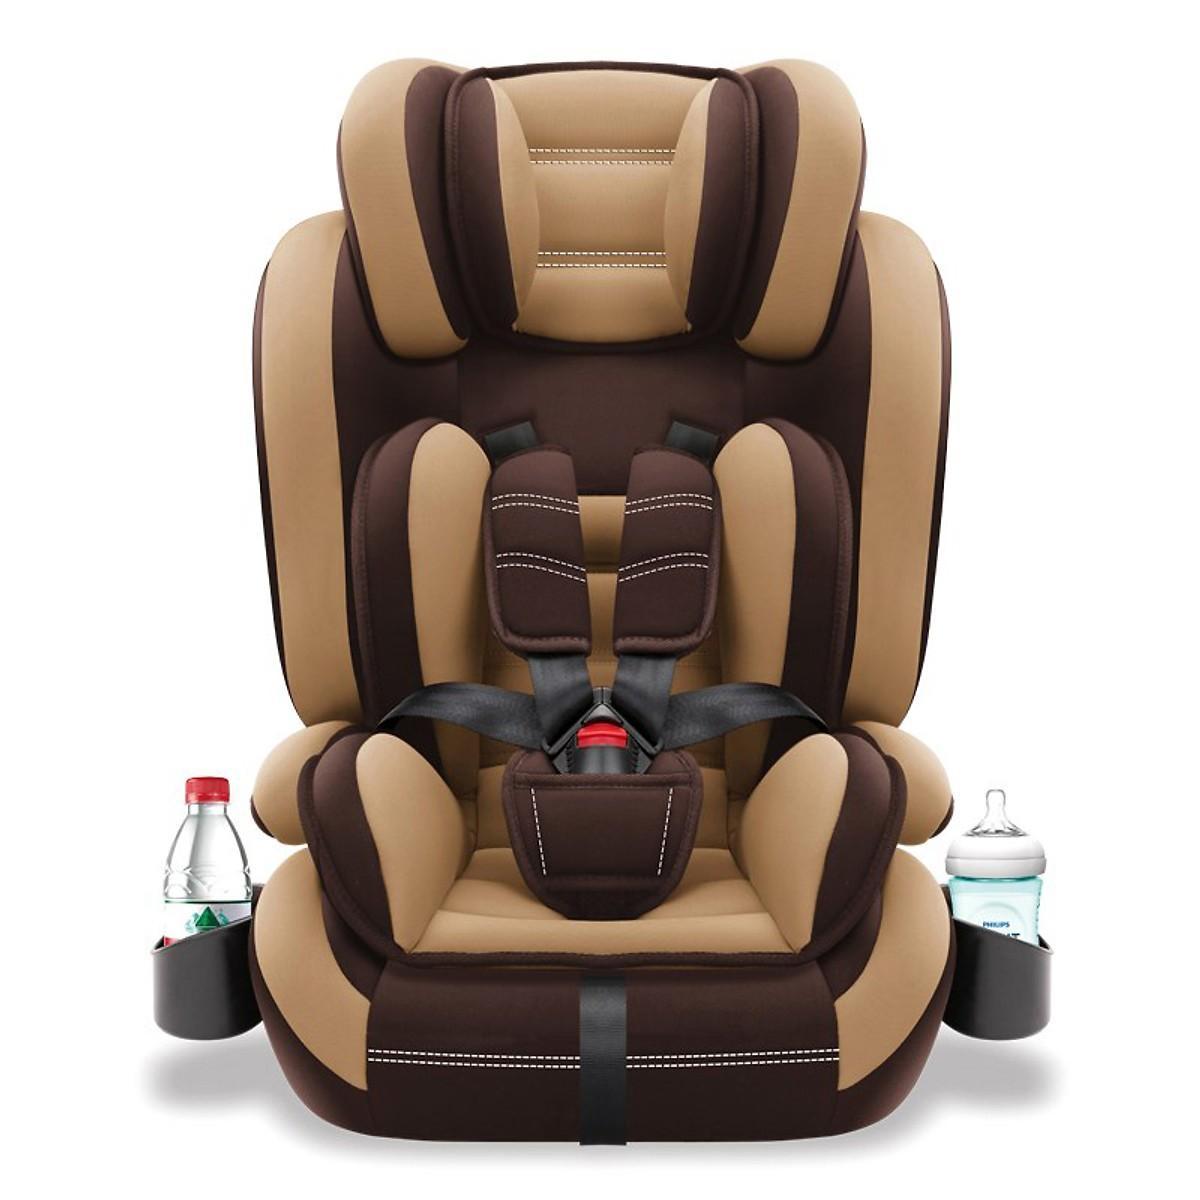 Ghế ngồi phụ dày cao cấp trên xe hơi, ô...